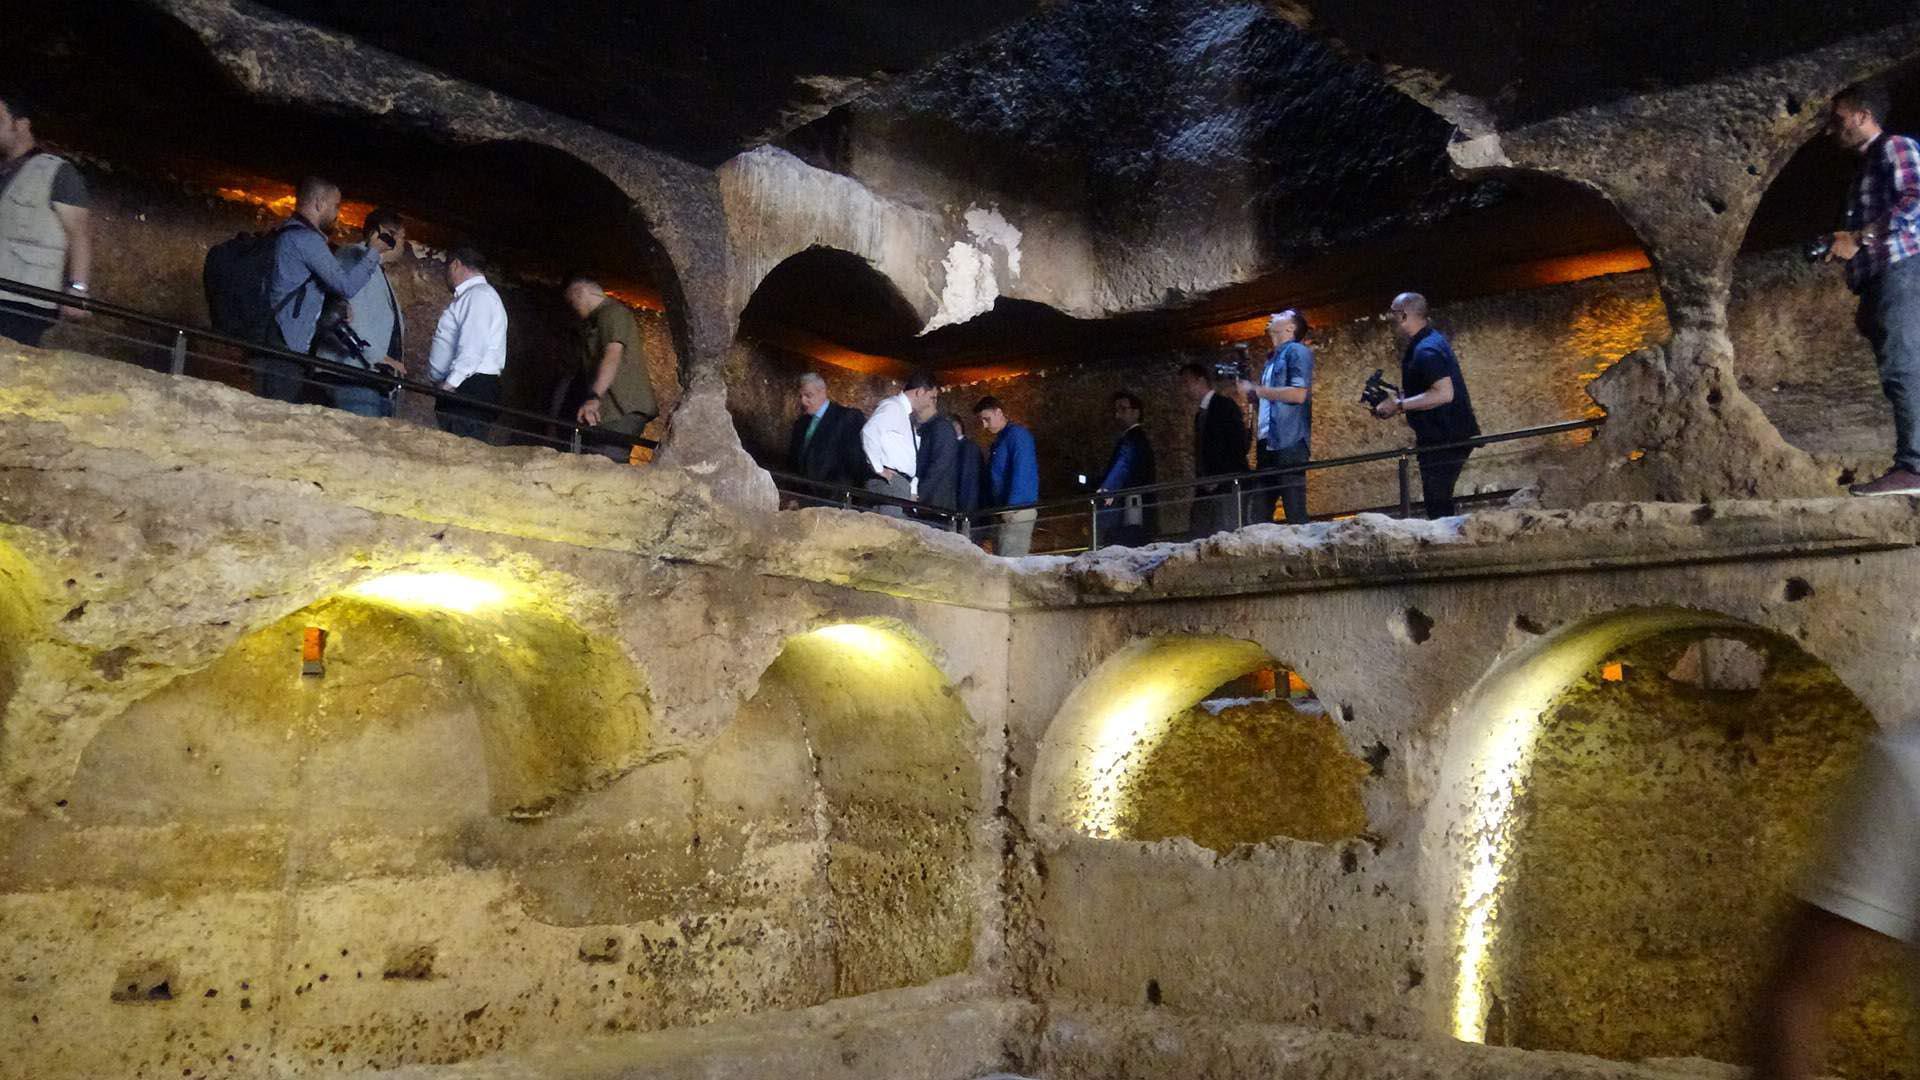 Kuzey Kürdistan'daki 1400 yıllık galeri mezar ilk defa ziyaretçilere açıldı